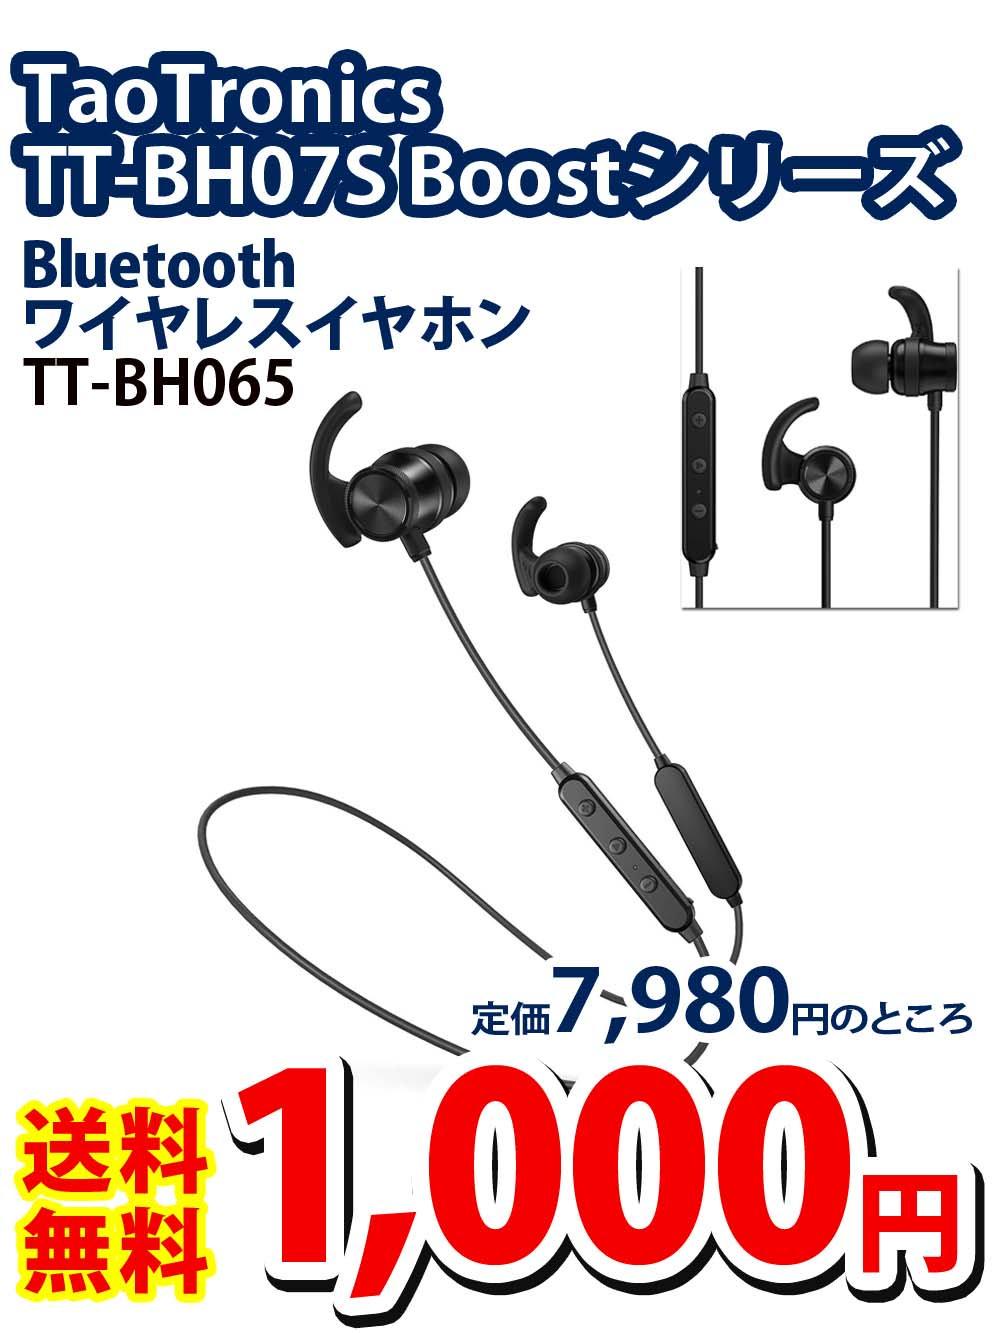 【送料無料】TT-BH065 TT-BH07S Boostシリーズ ワイヤレスイヤホン(ブラック、レッド)【1000円】定価9688円